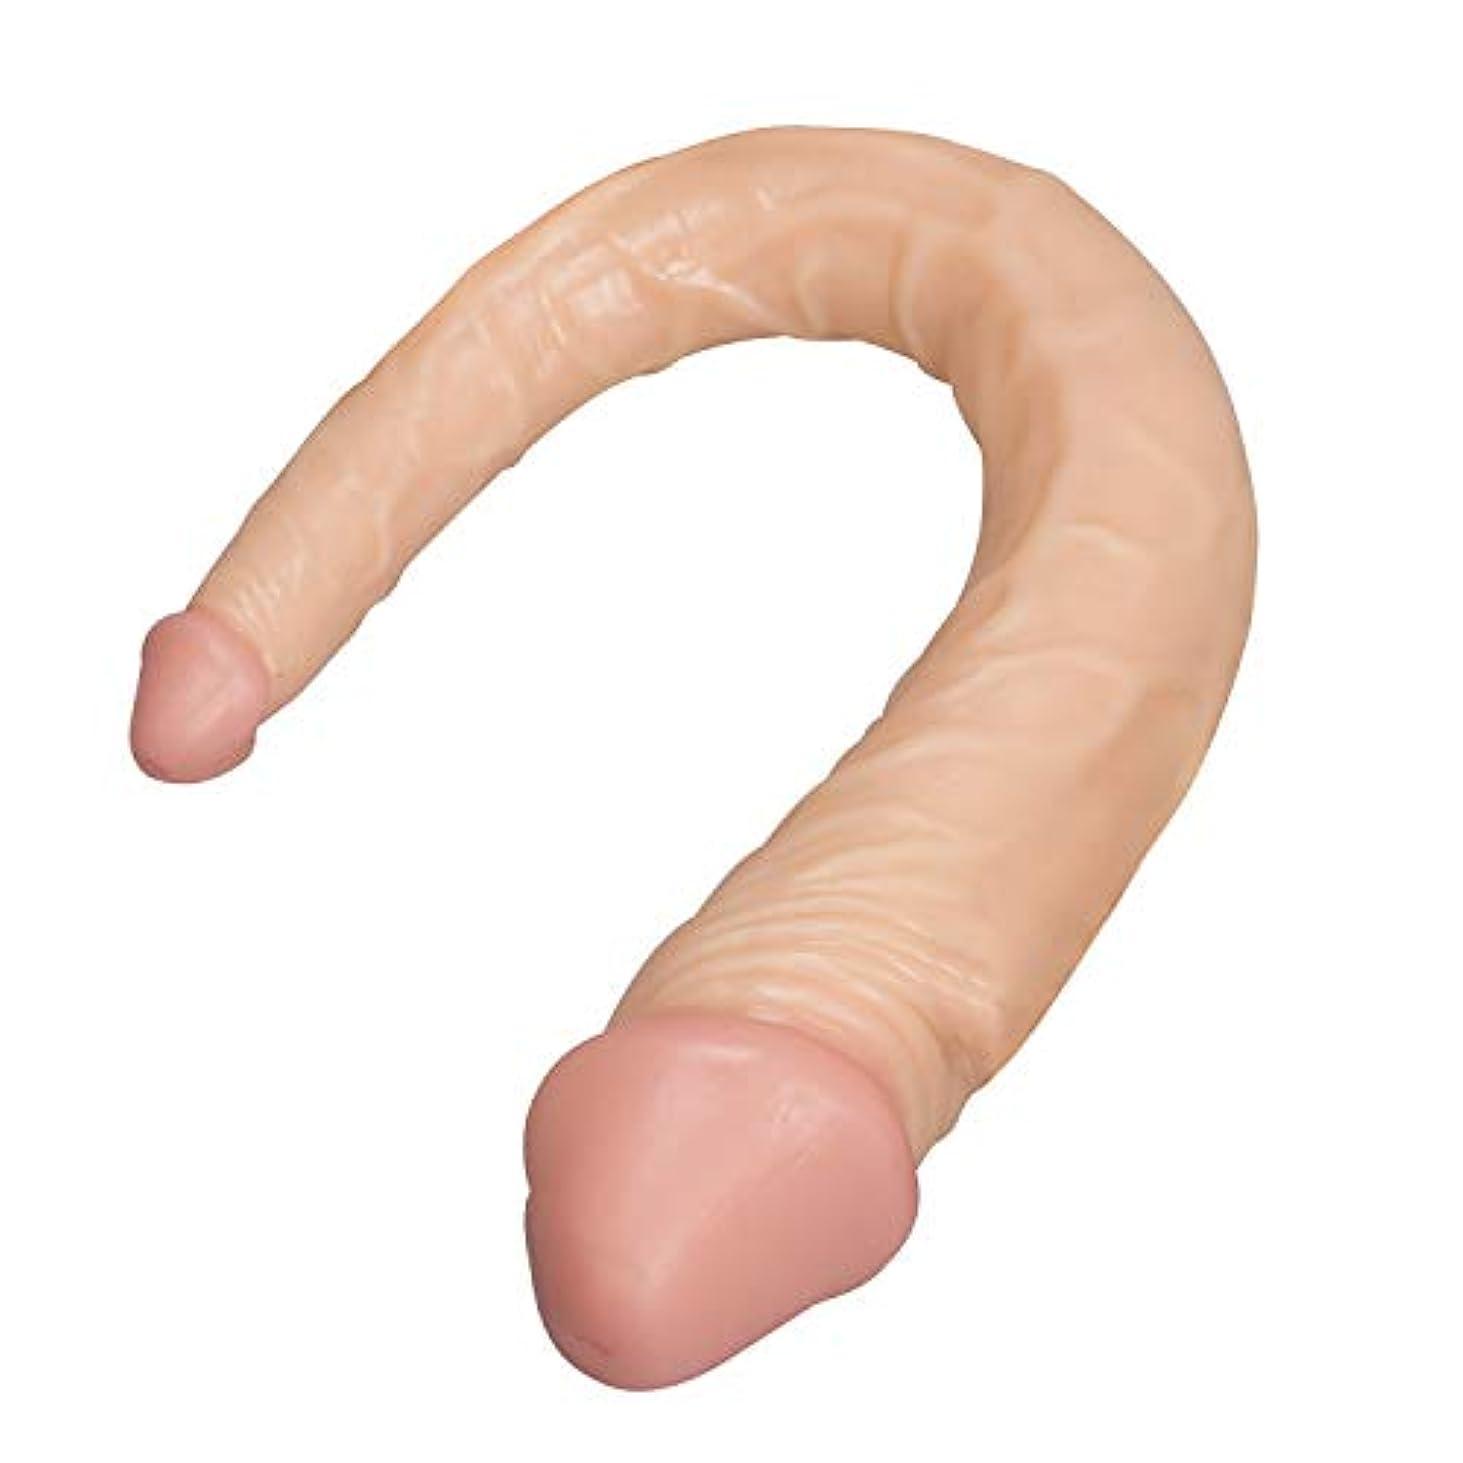 ヒロイック有害ためらうペニス 14.17インチの大きくて長いD-i-l'-d-o女性M-assager for womens and wife マッサージャー